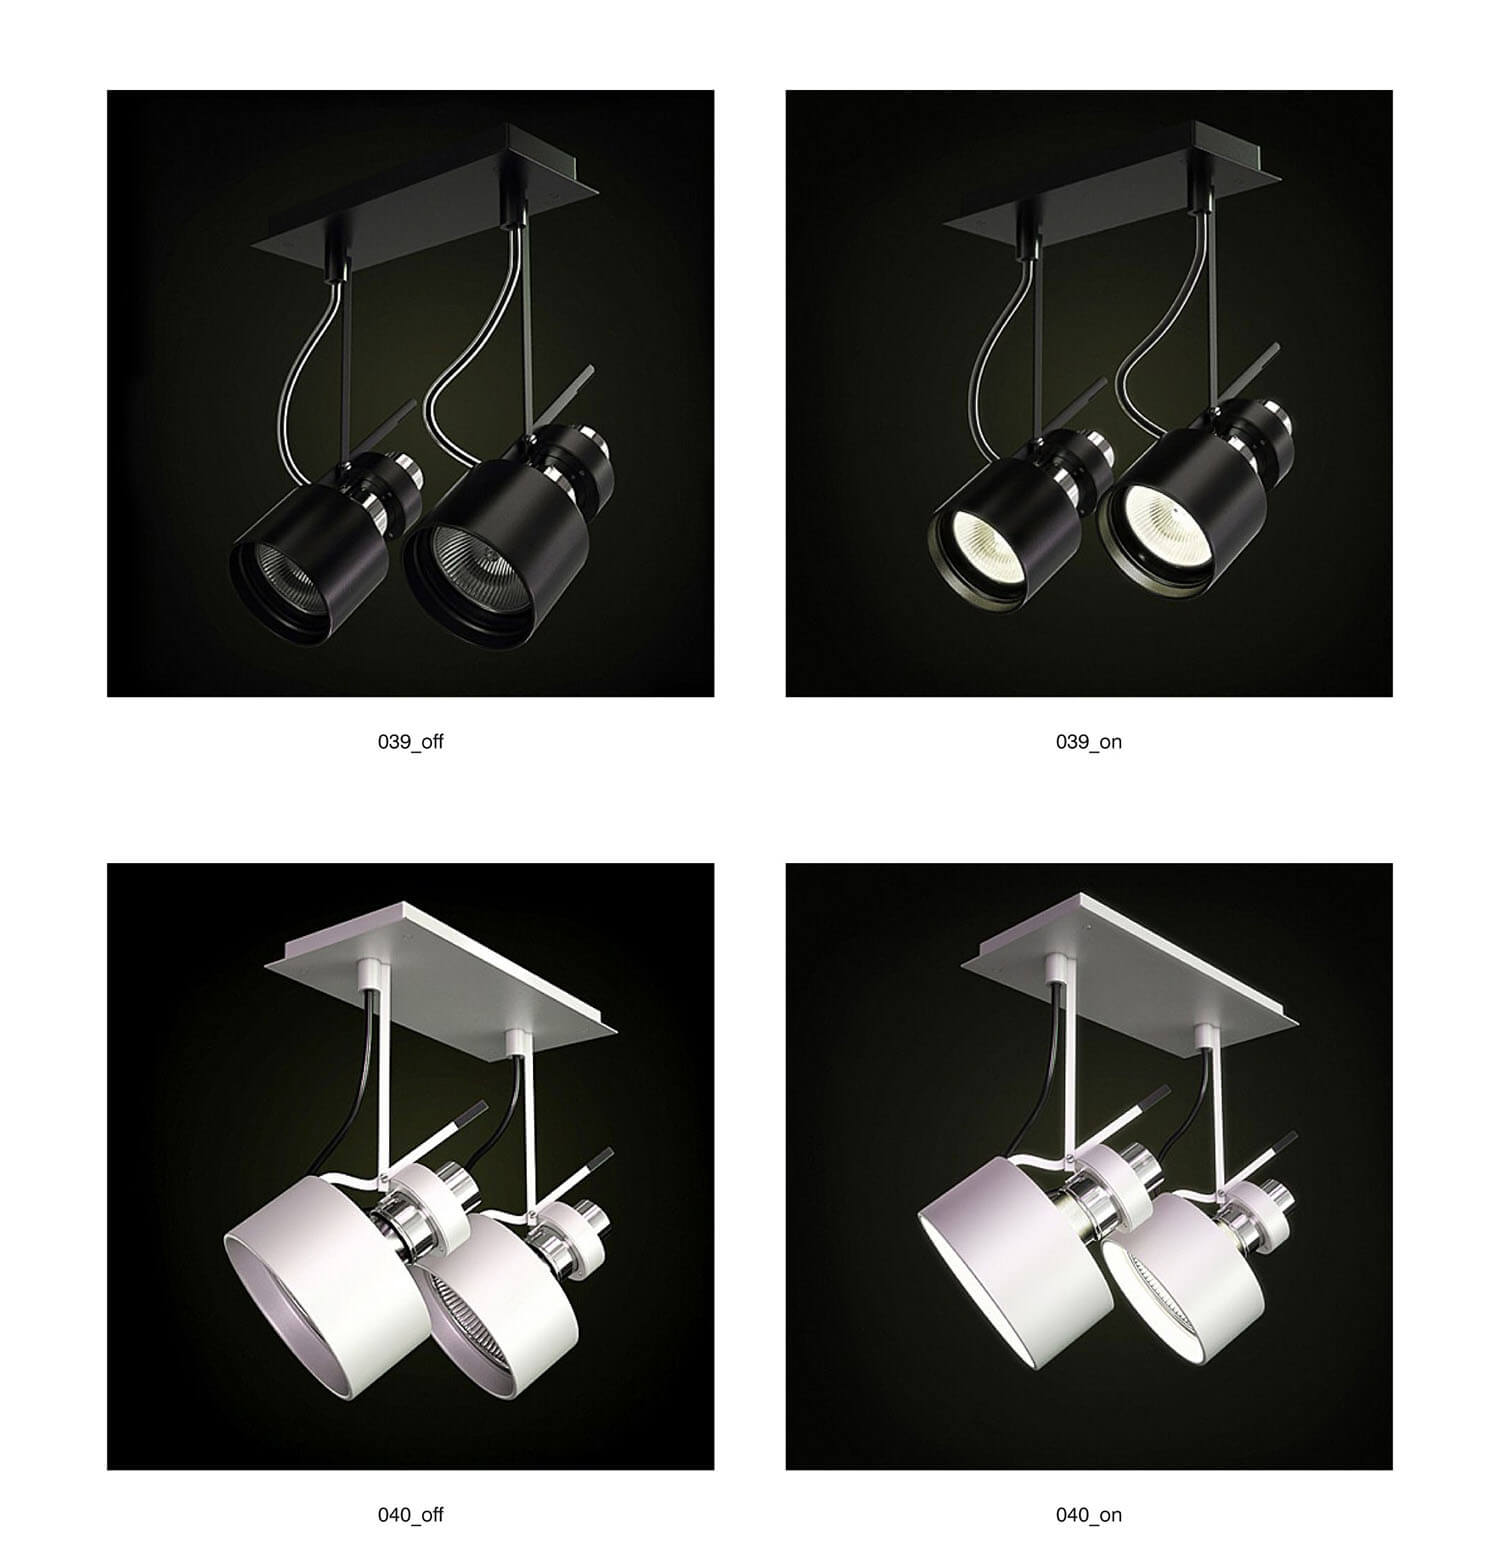 Đèn rọi ốp trần, tiết kiệm không gian và linh hoạt trong góc chiếu sáng